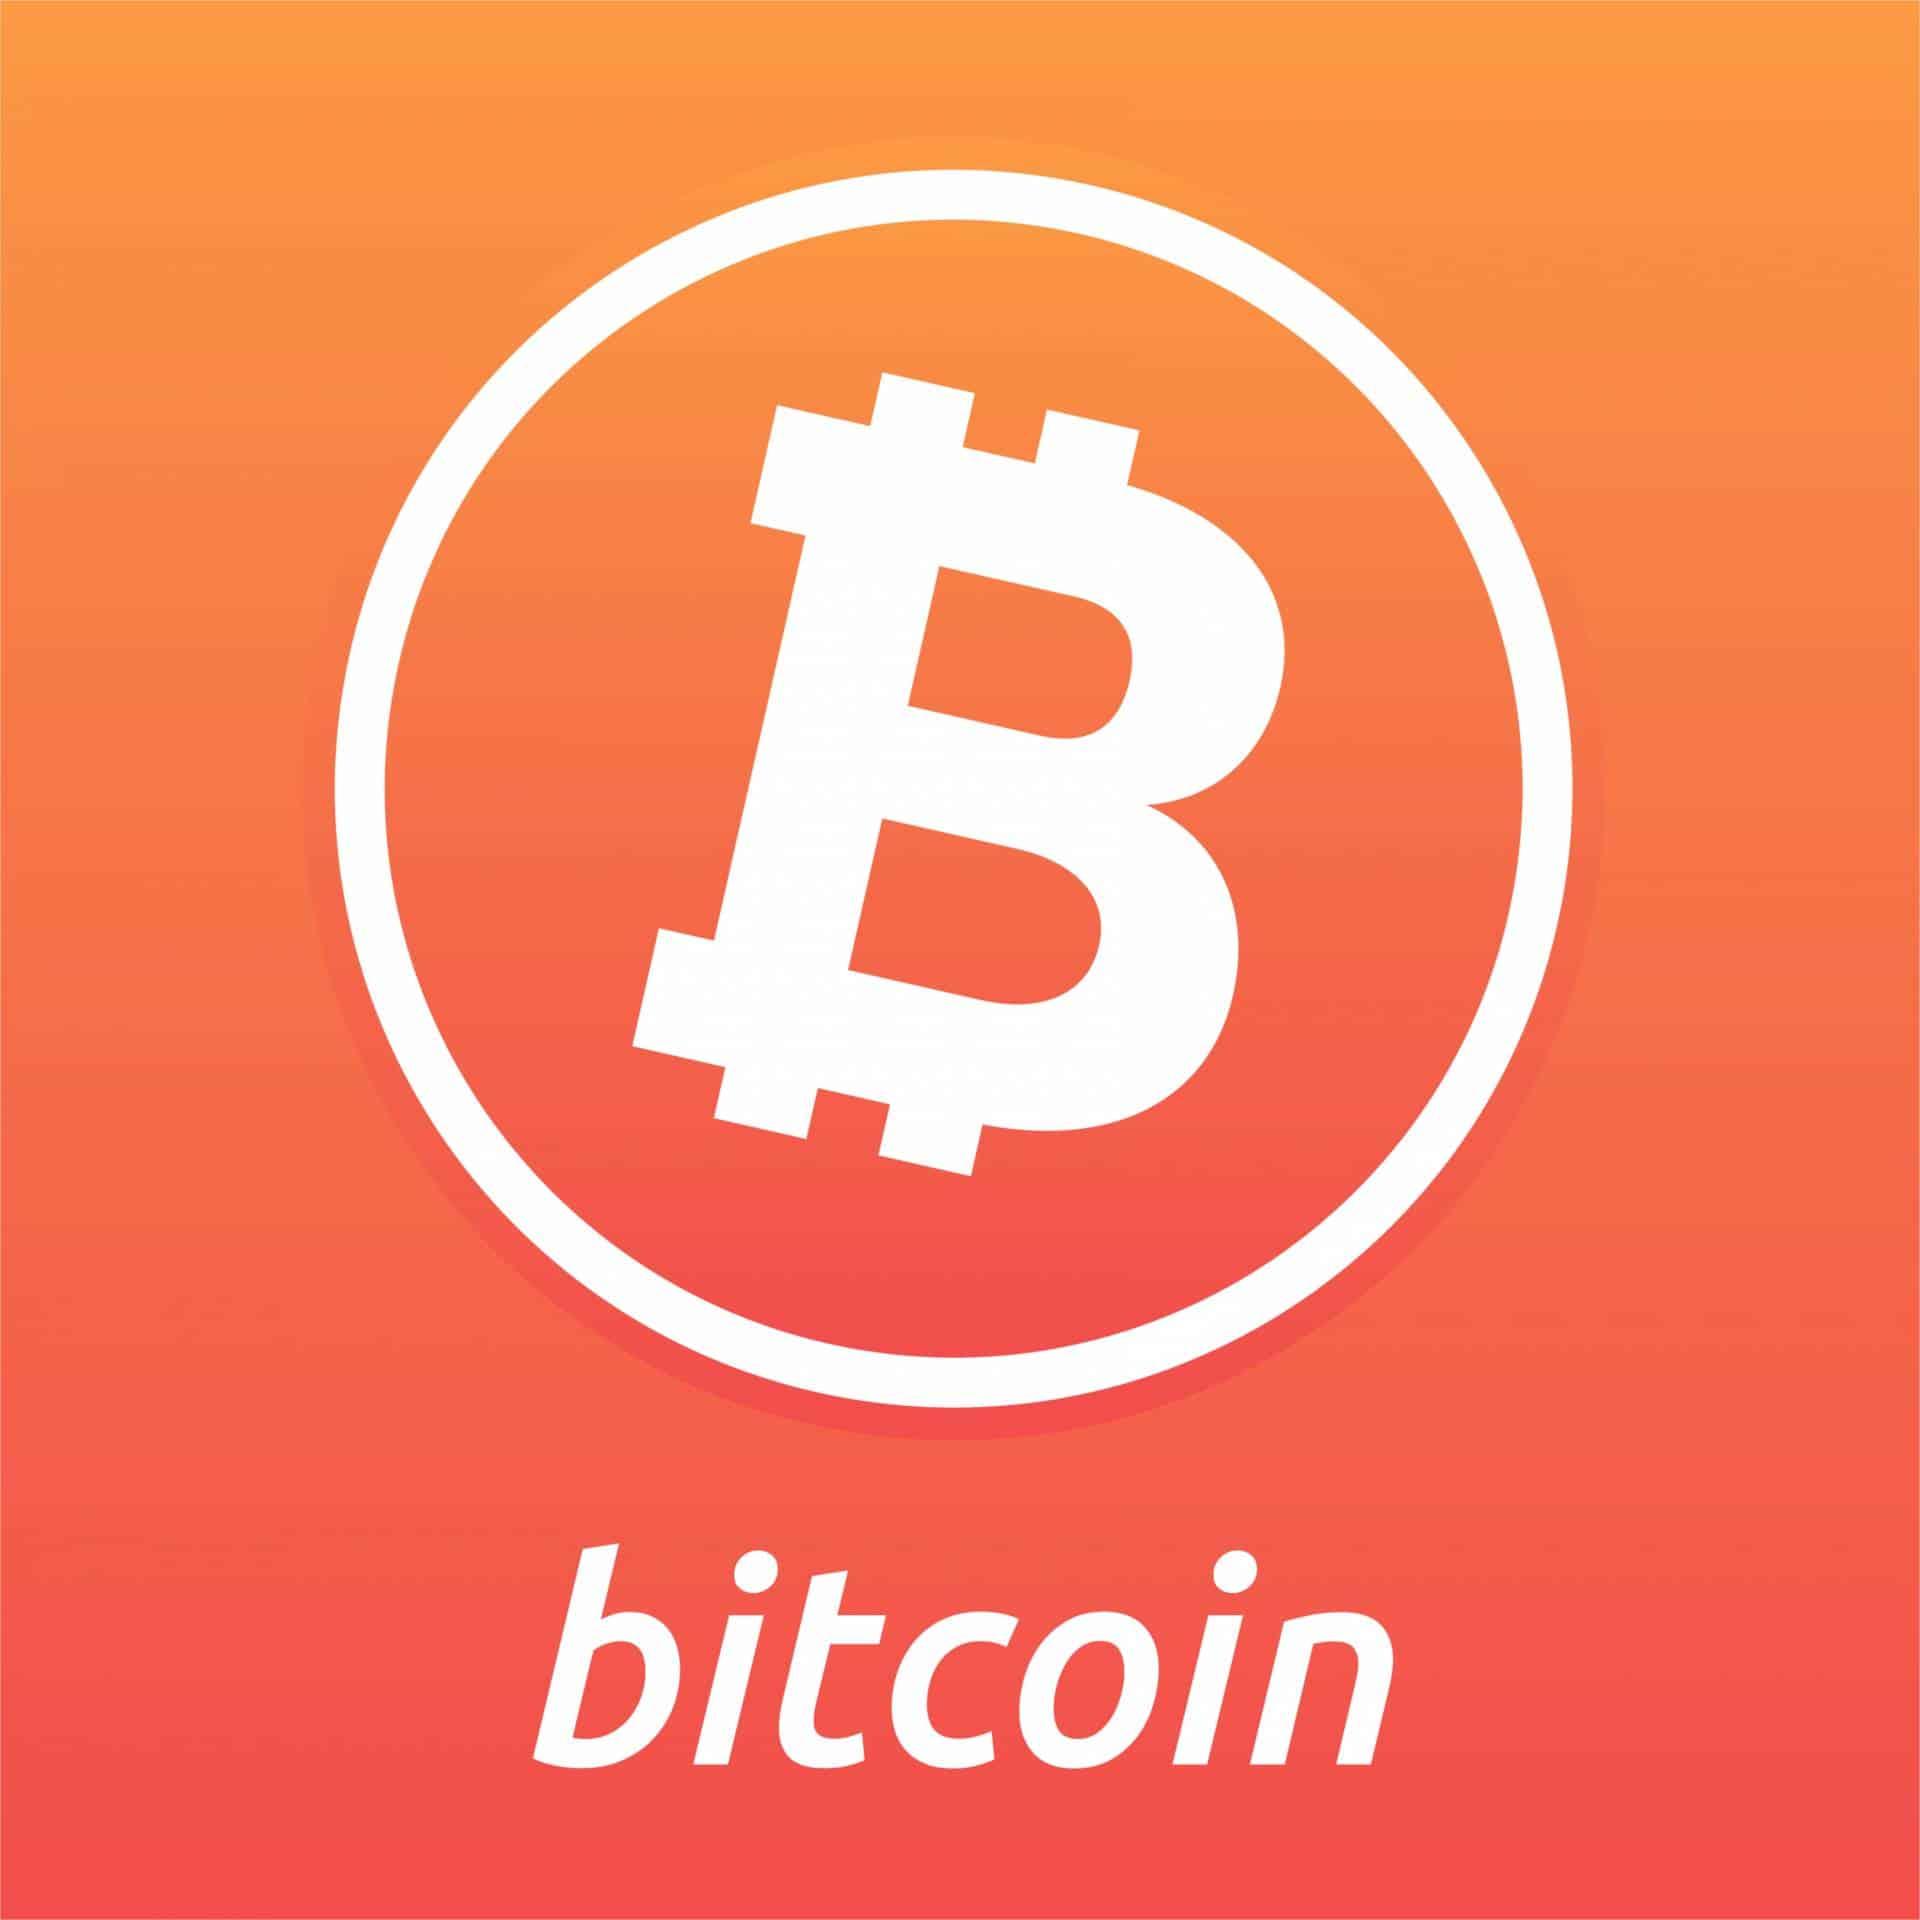 trække sig ud af Bitcoin-casinoet